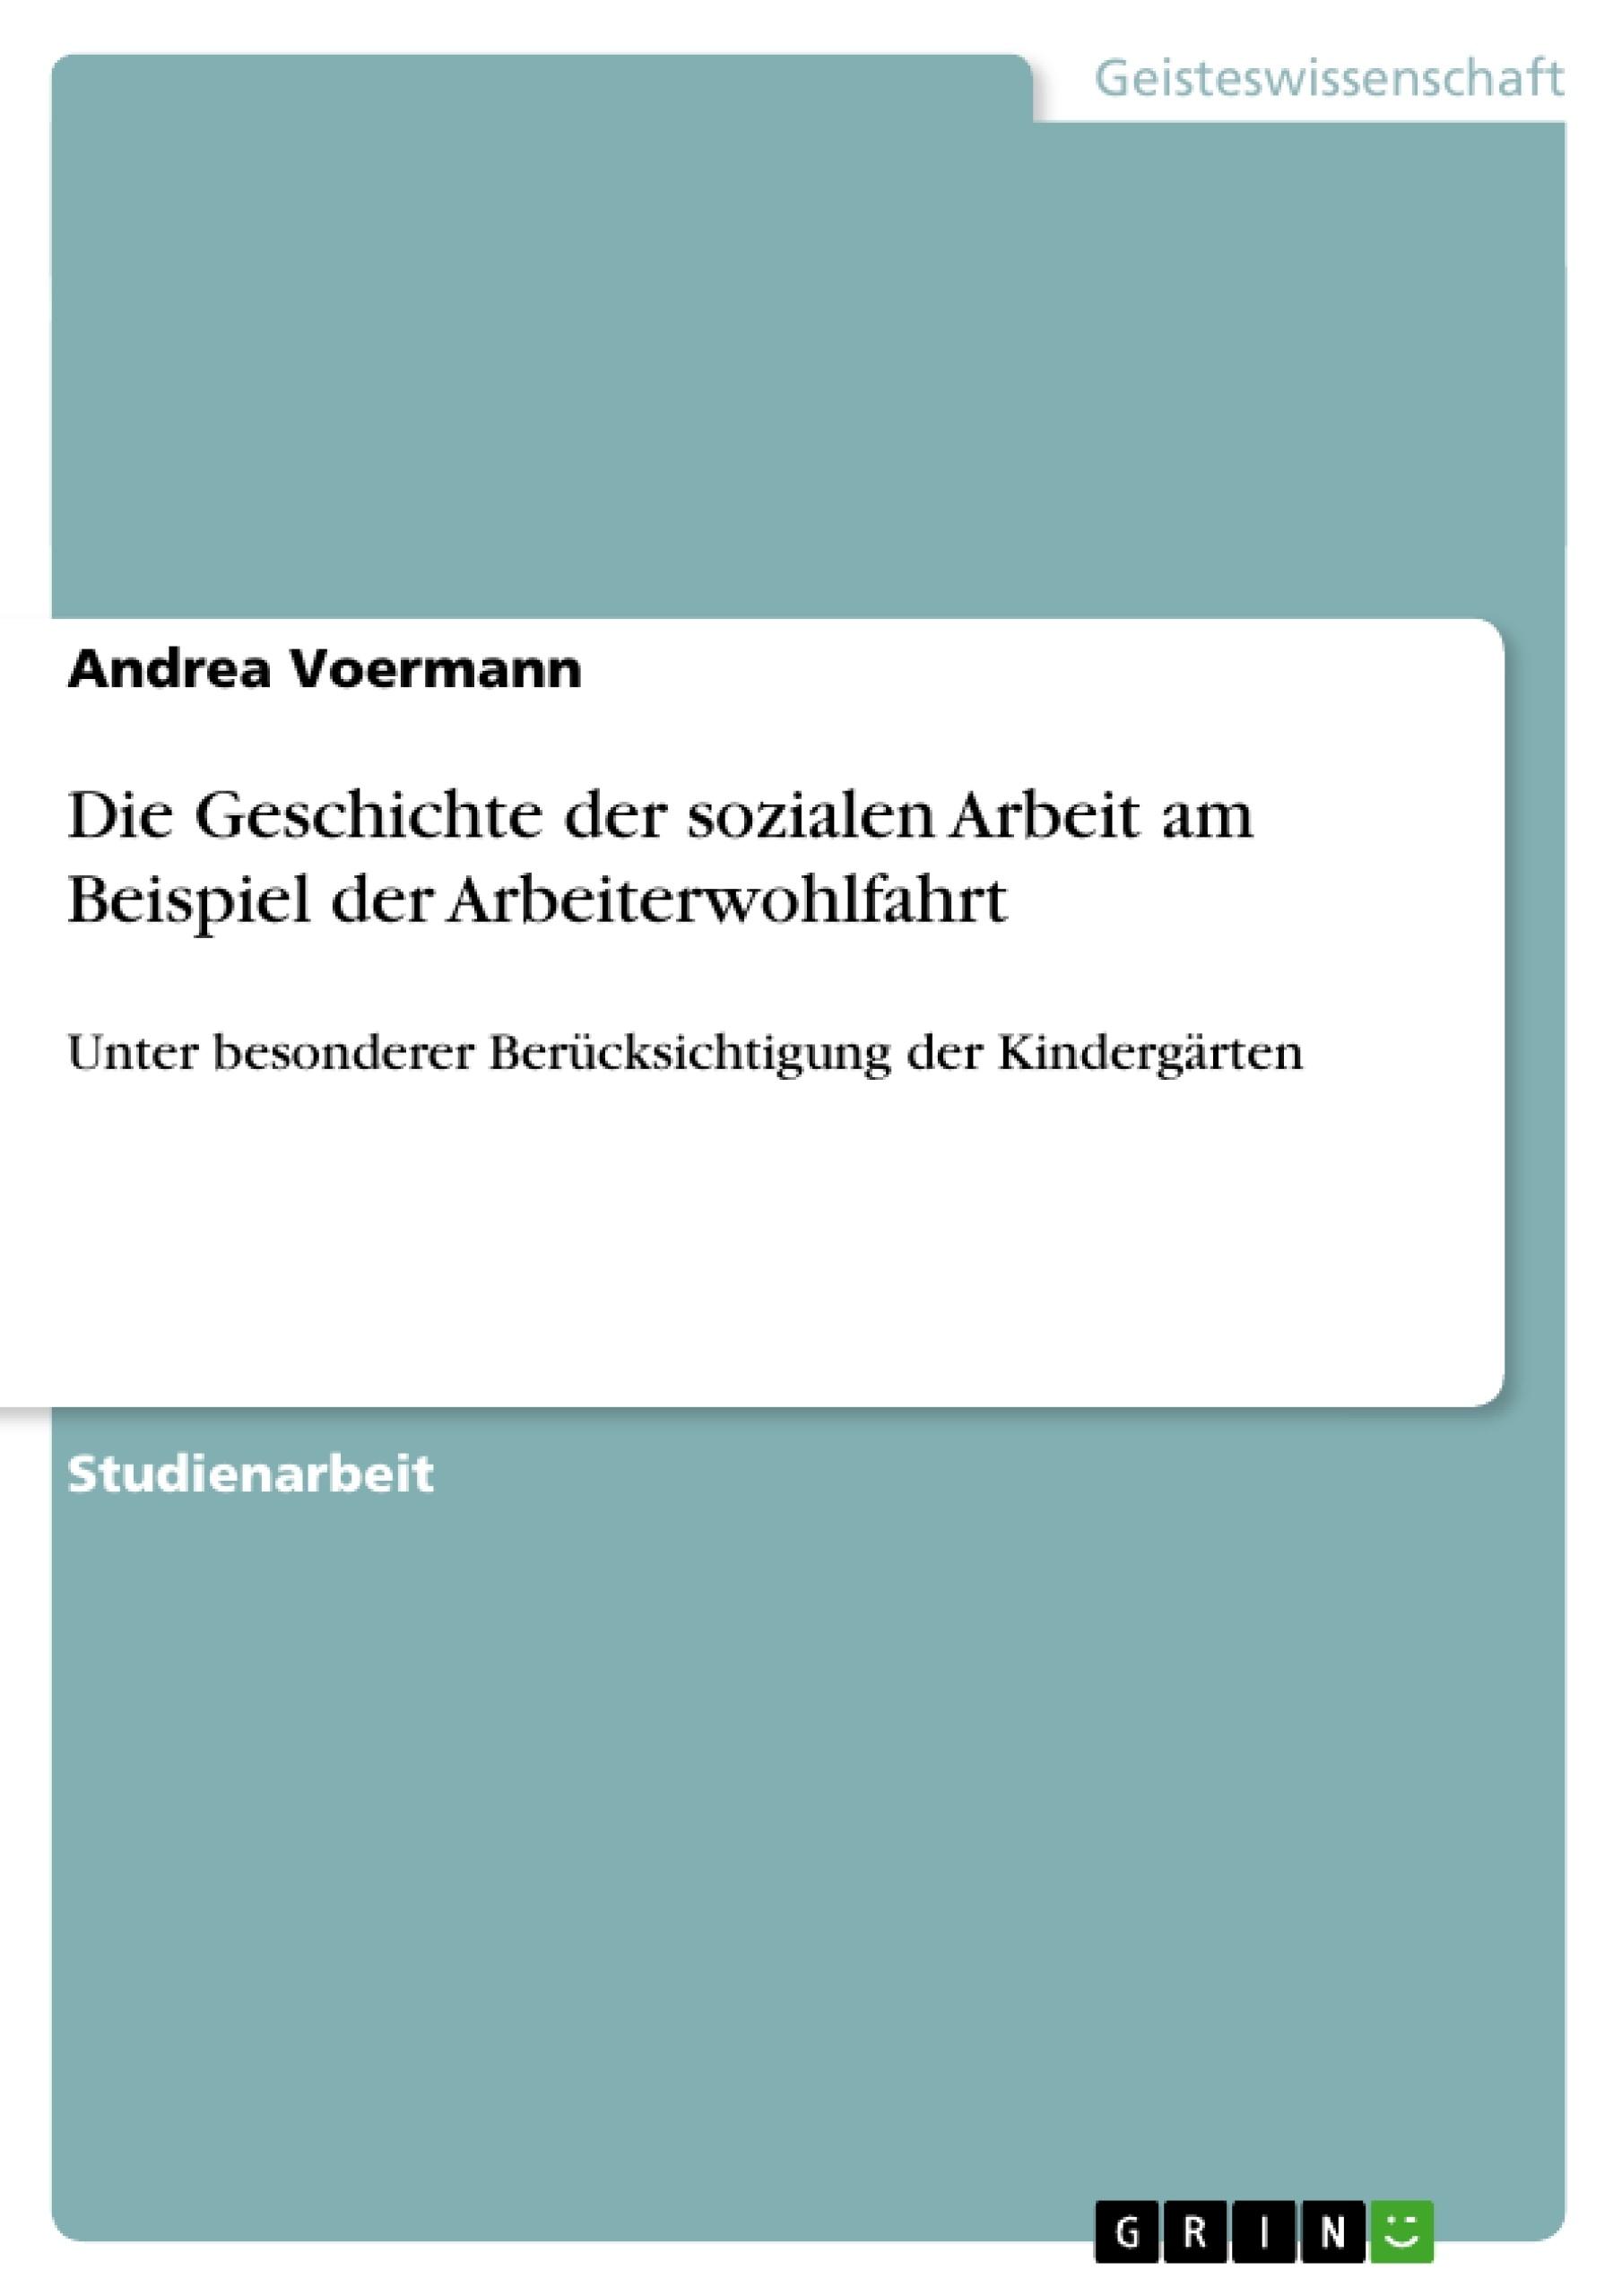 Titel: Die Geschichte der sozialen Arbeit am Beispiel der Arbeiterwohlfahrt